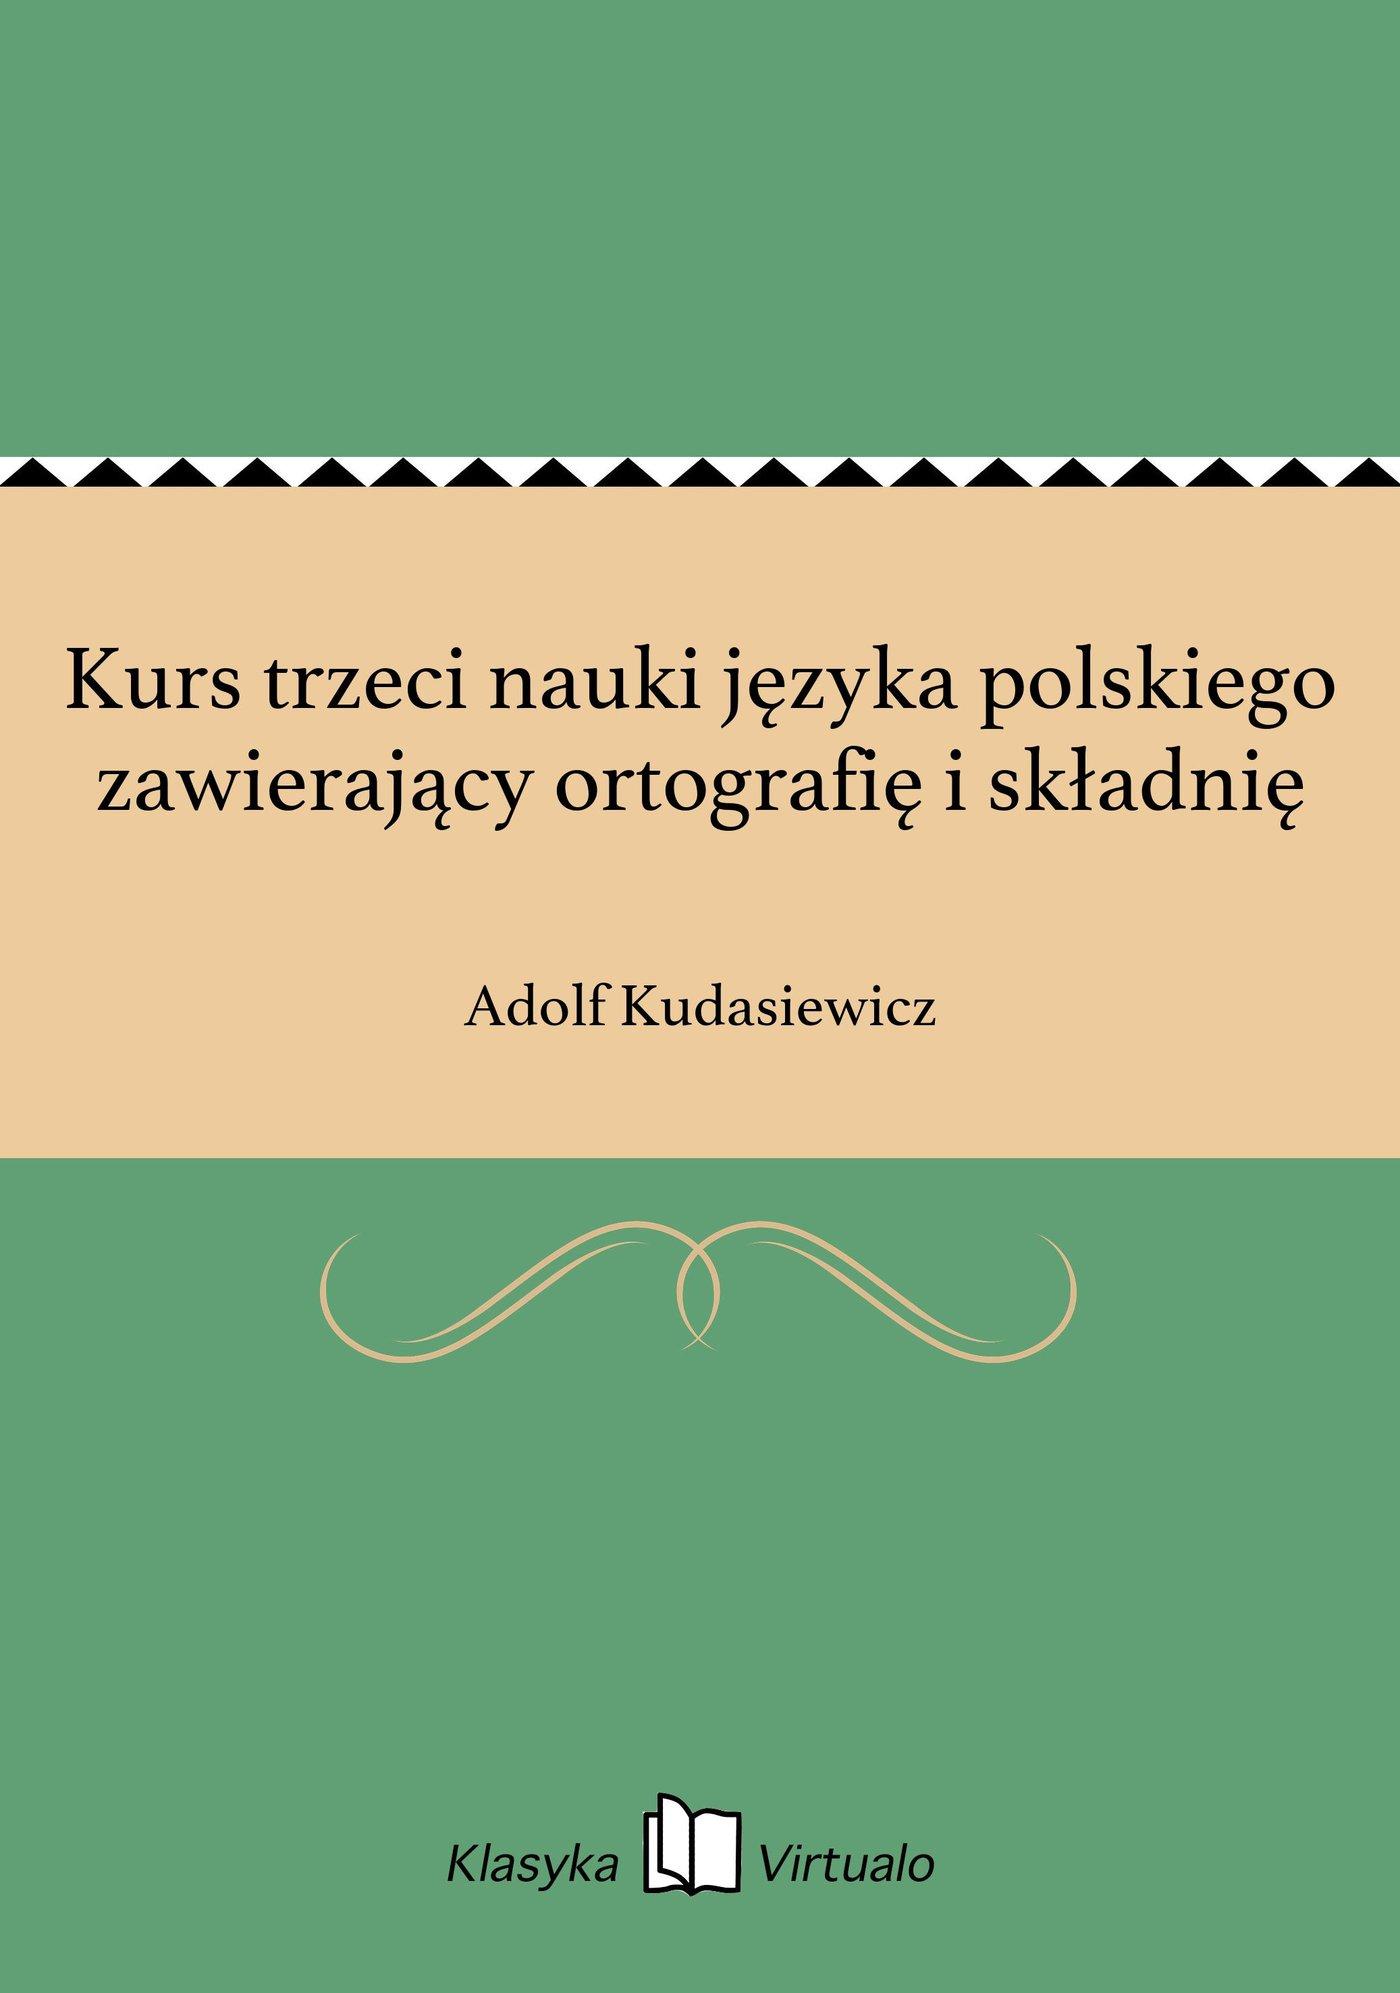 Kurs trzeci nauki języka polskiego zawierający ortografię i składnię - Ebook (Książka EPUB) do pobrania w formacie EPUB